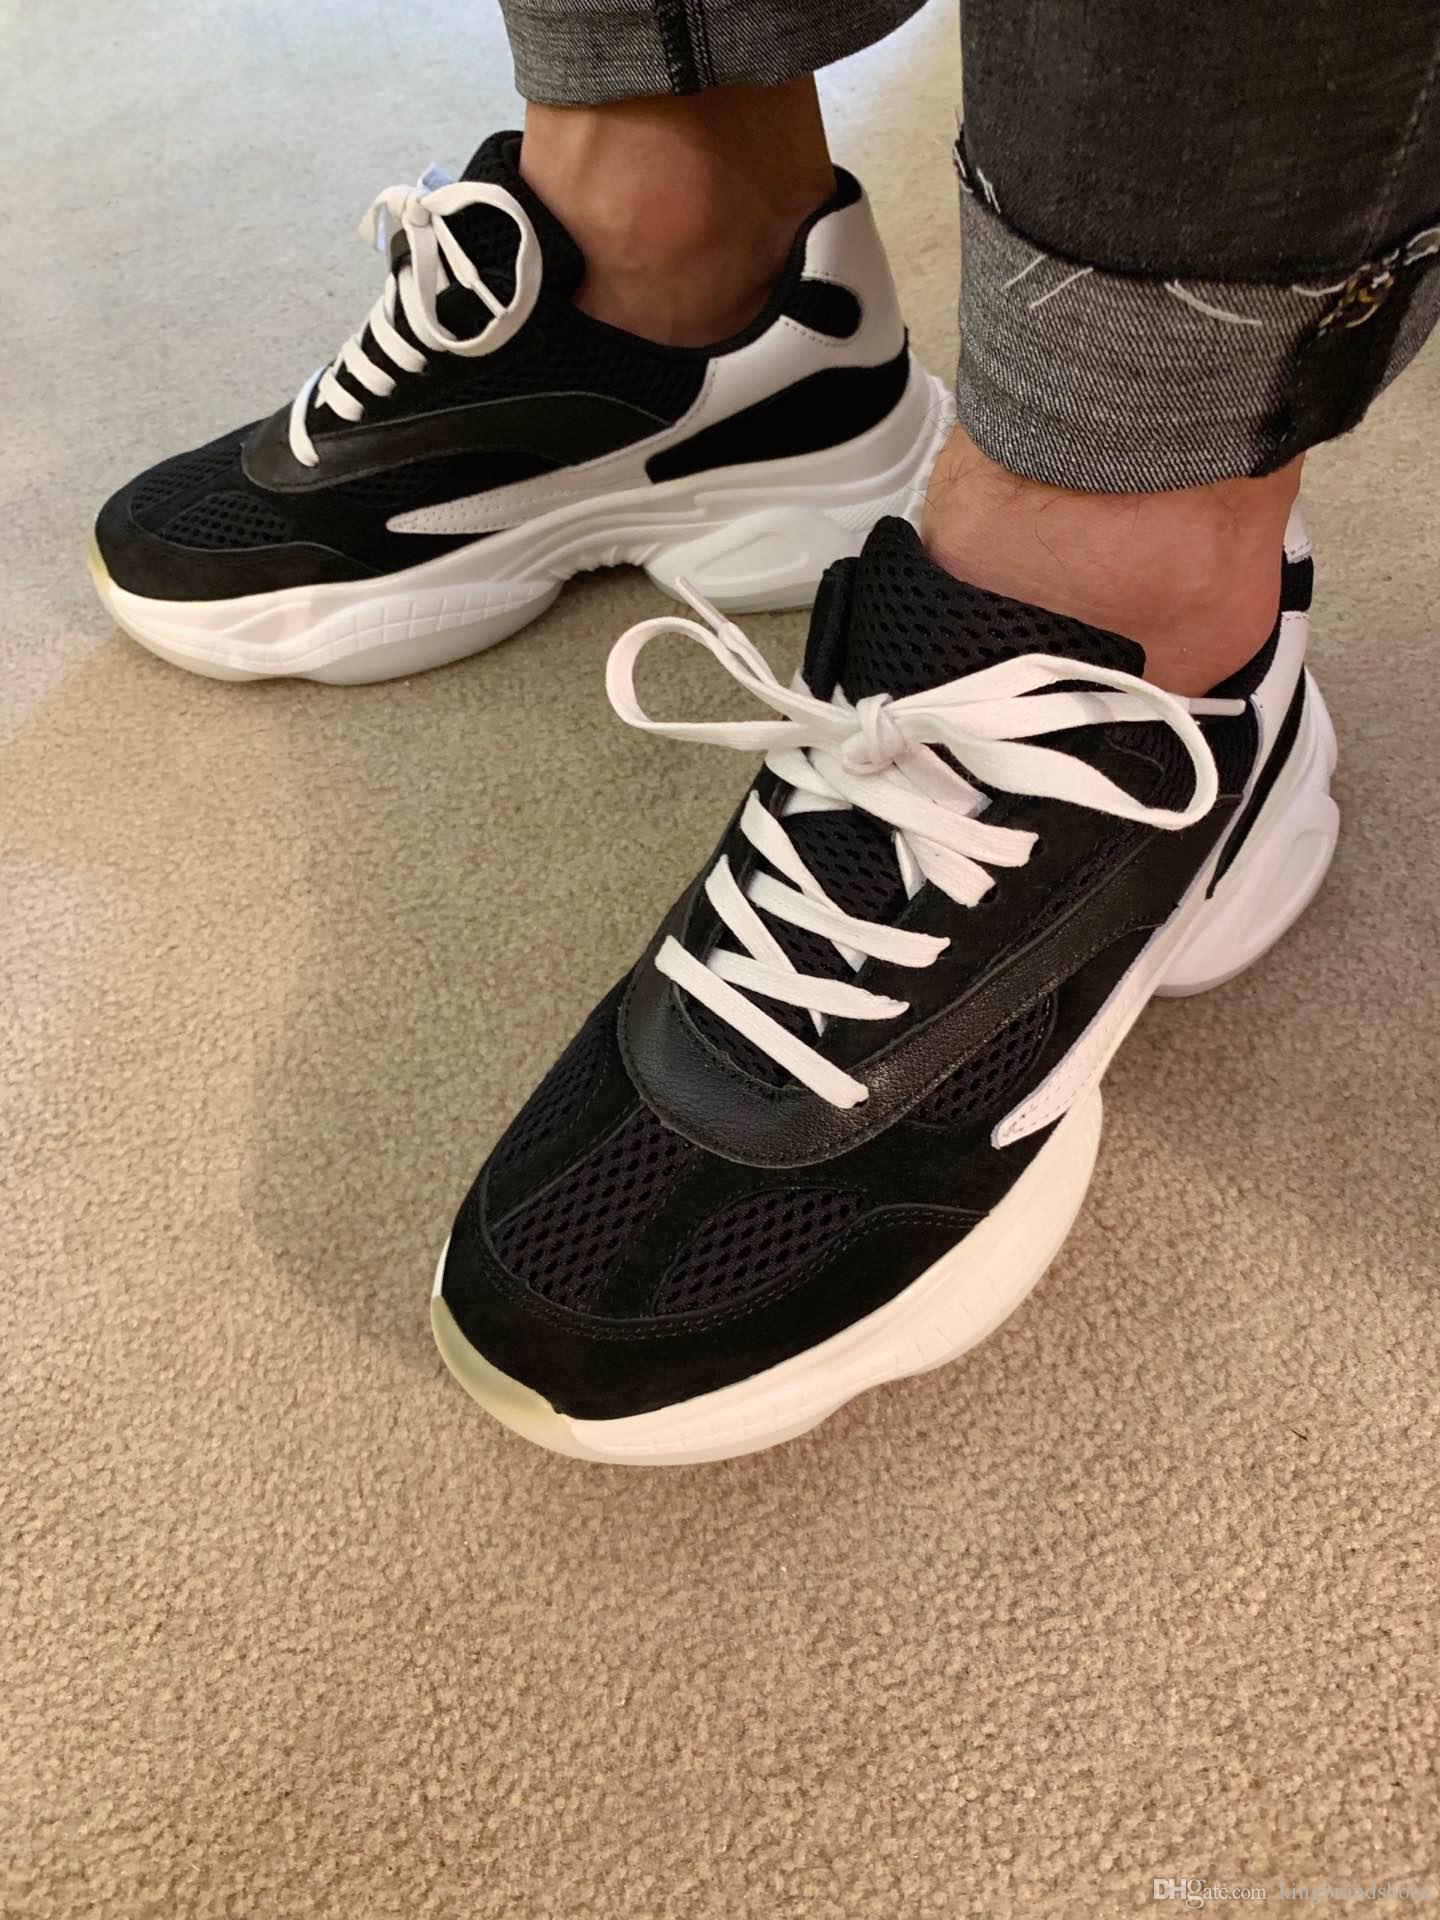 alta calidad 2019 de lujo más nuevo de hombre zapatos zapatillas de deporte respirables bajo-top de diseño de deporte de los hombres con cordones de los zapatos de lujo